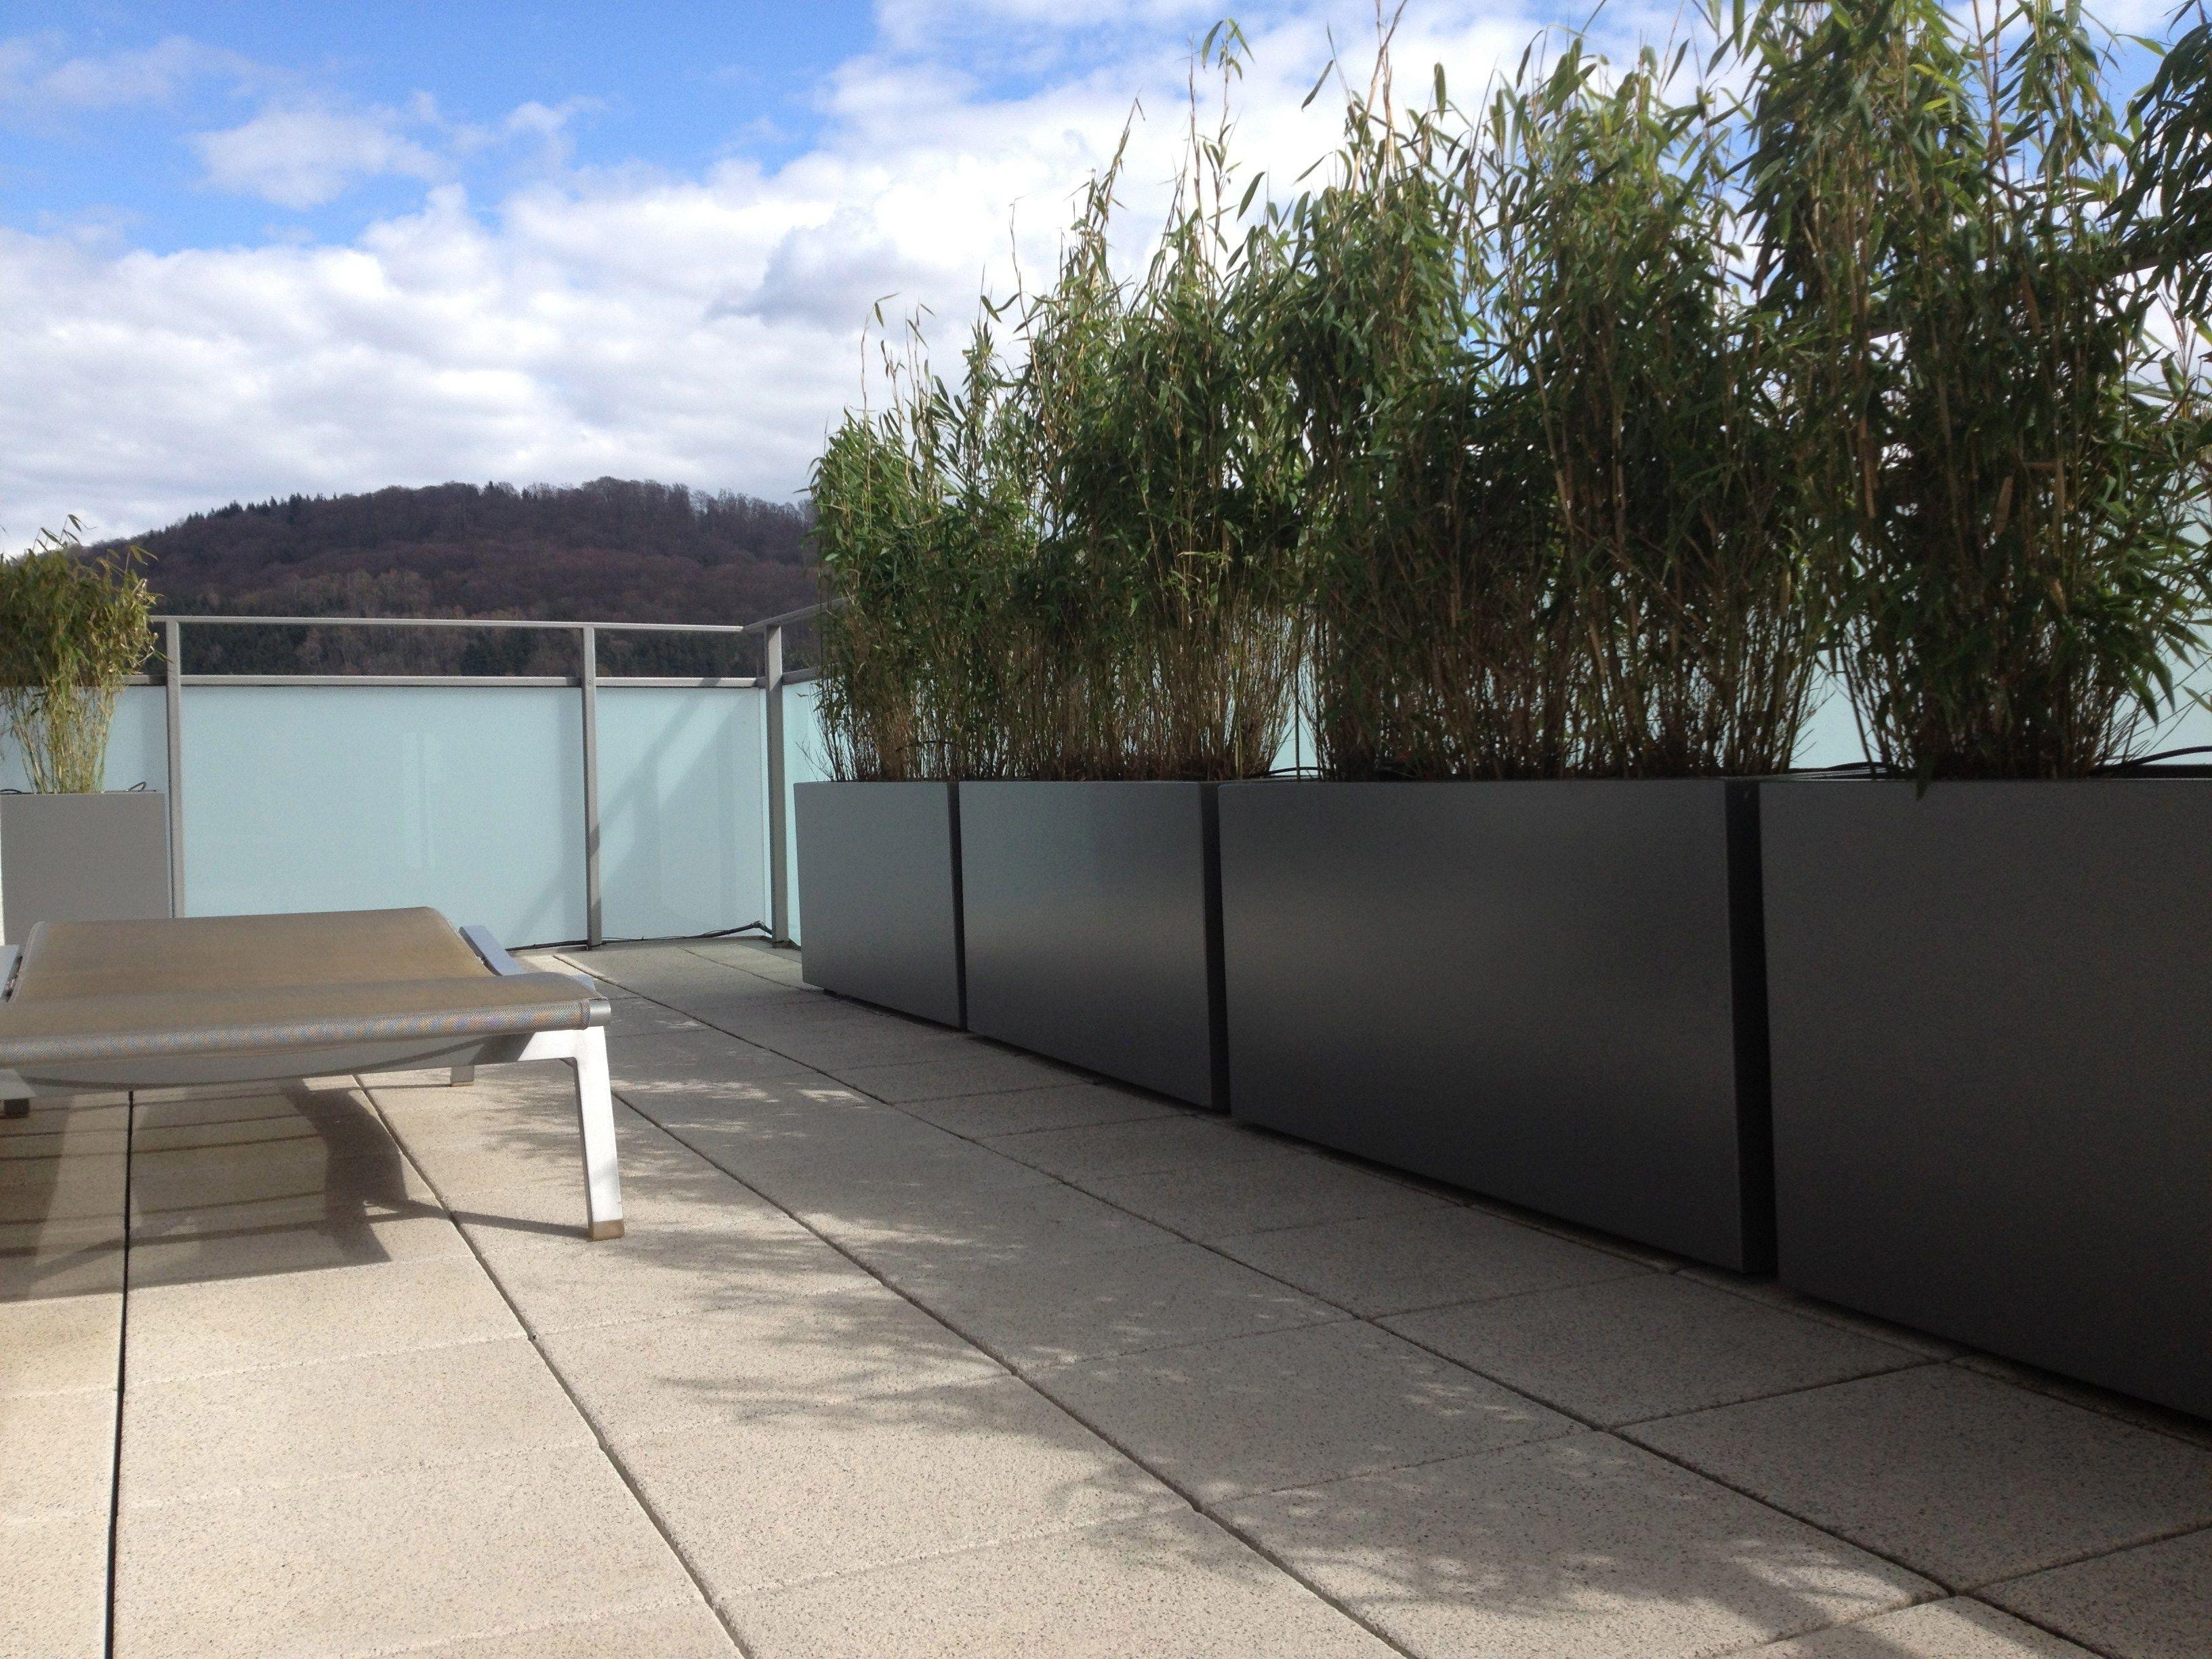 Blumenkasten Aus Faserzement Irf By Image'in Design Fabien Joly Pflanzkubel Faserzement Balkon